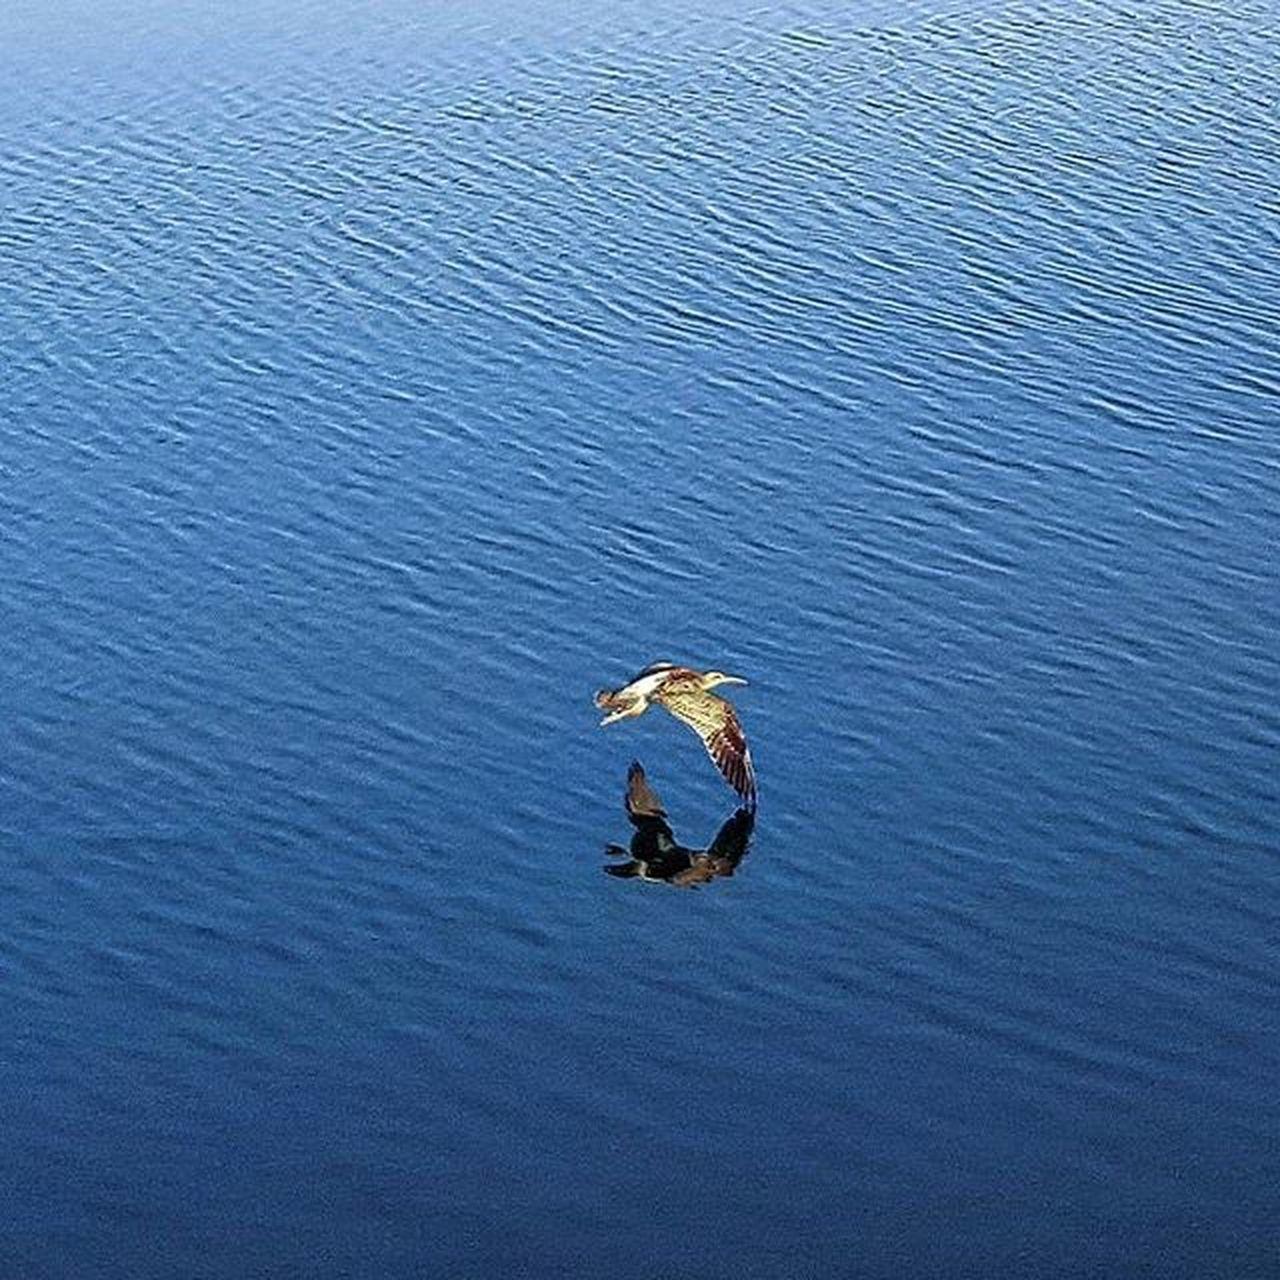 Luckyshot Samsungcamera DontKnowTheBreed Abudhabi UAE Unitedarabemirates Morning Sunrise Nature Birds Reflection Instagramfilter TBT  Throwbackthursday  Tbts Solitude